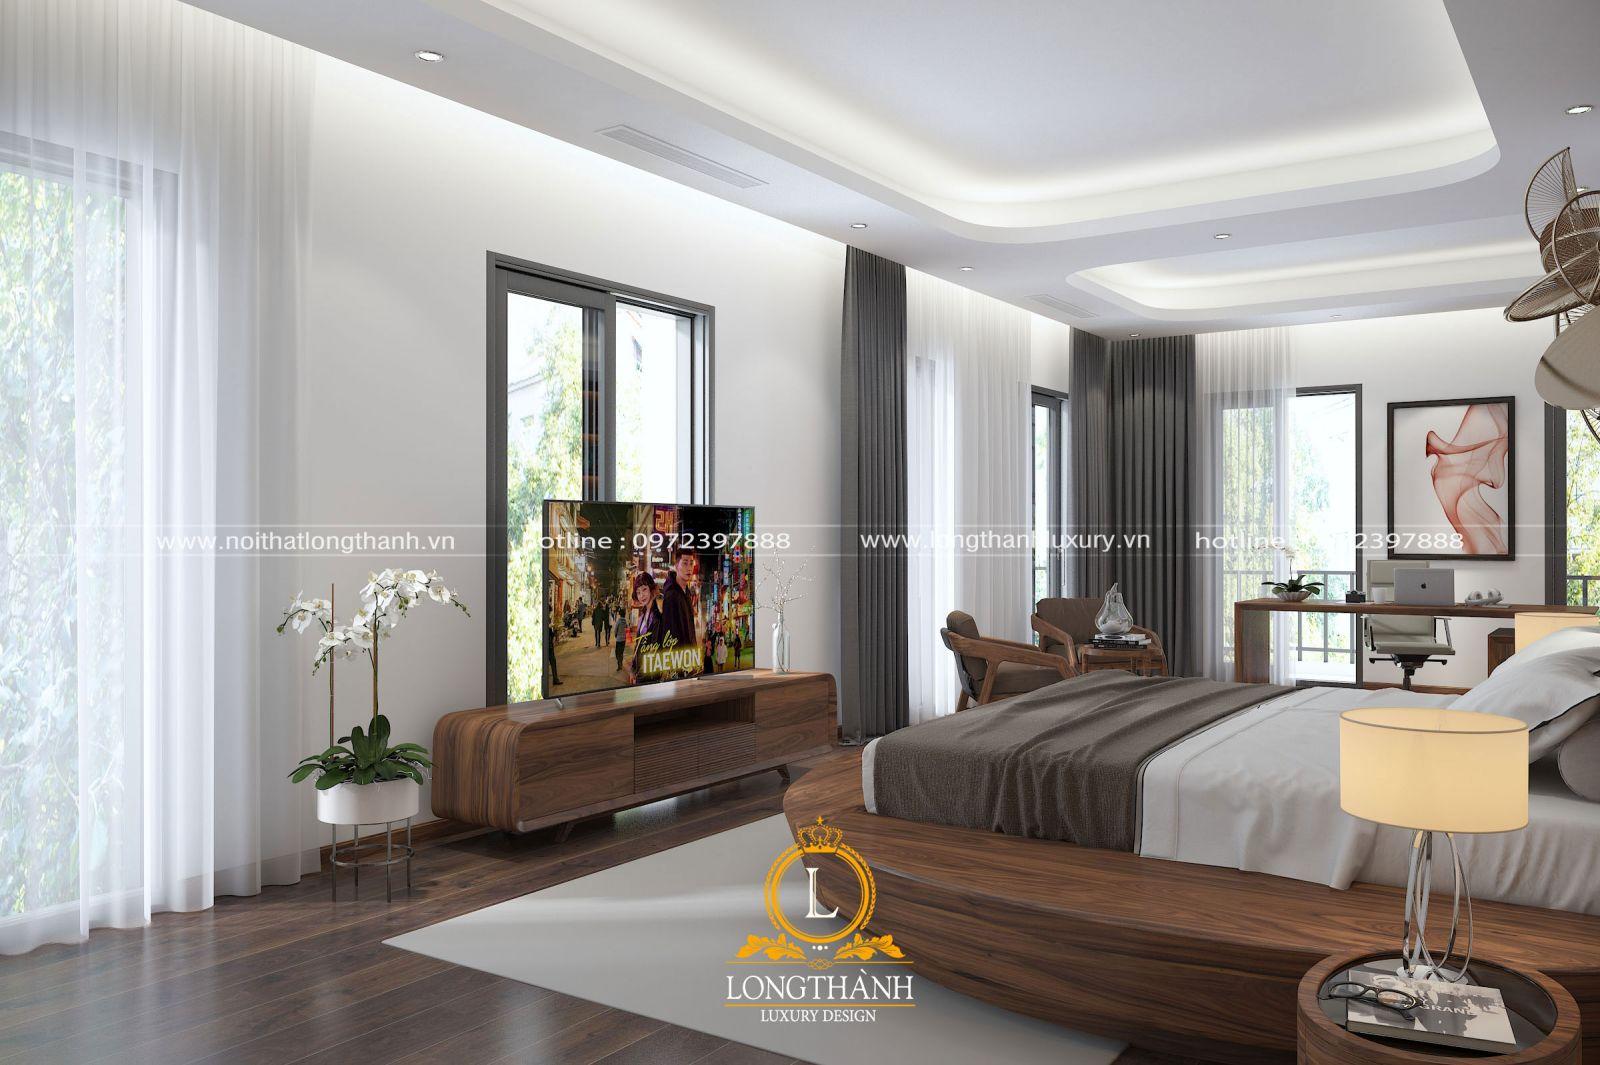 Thiết kế phòng ngủ với nội thất mạnh mẽ